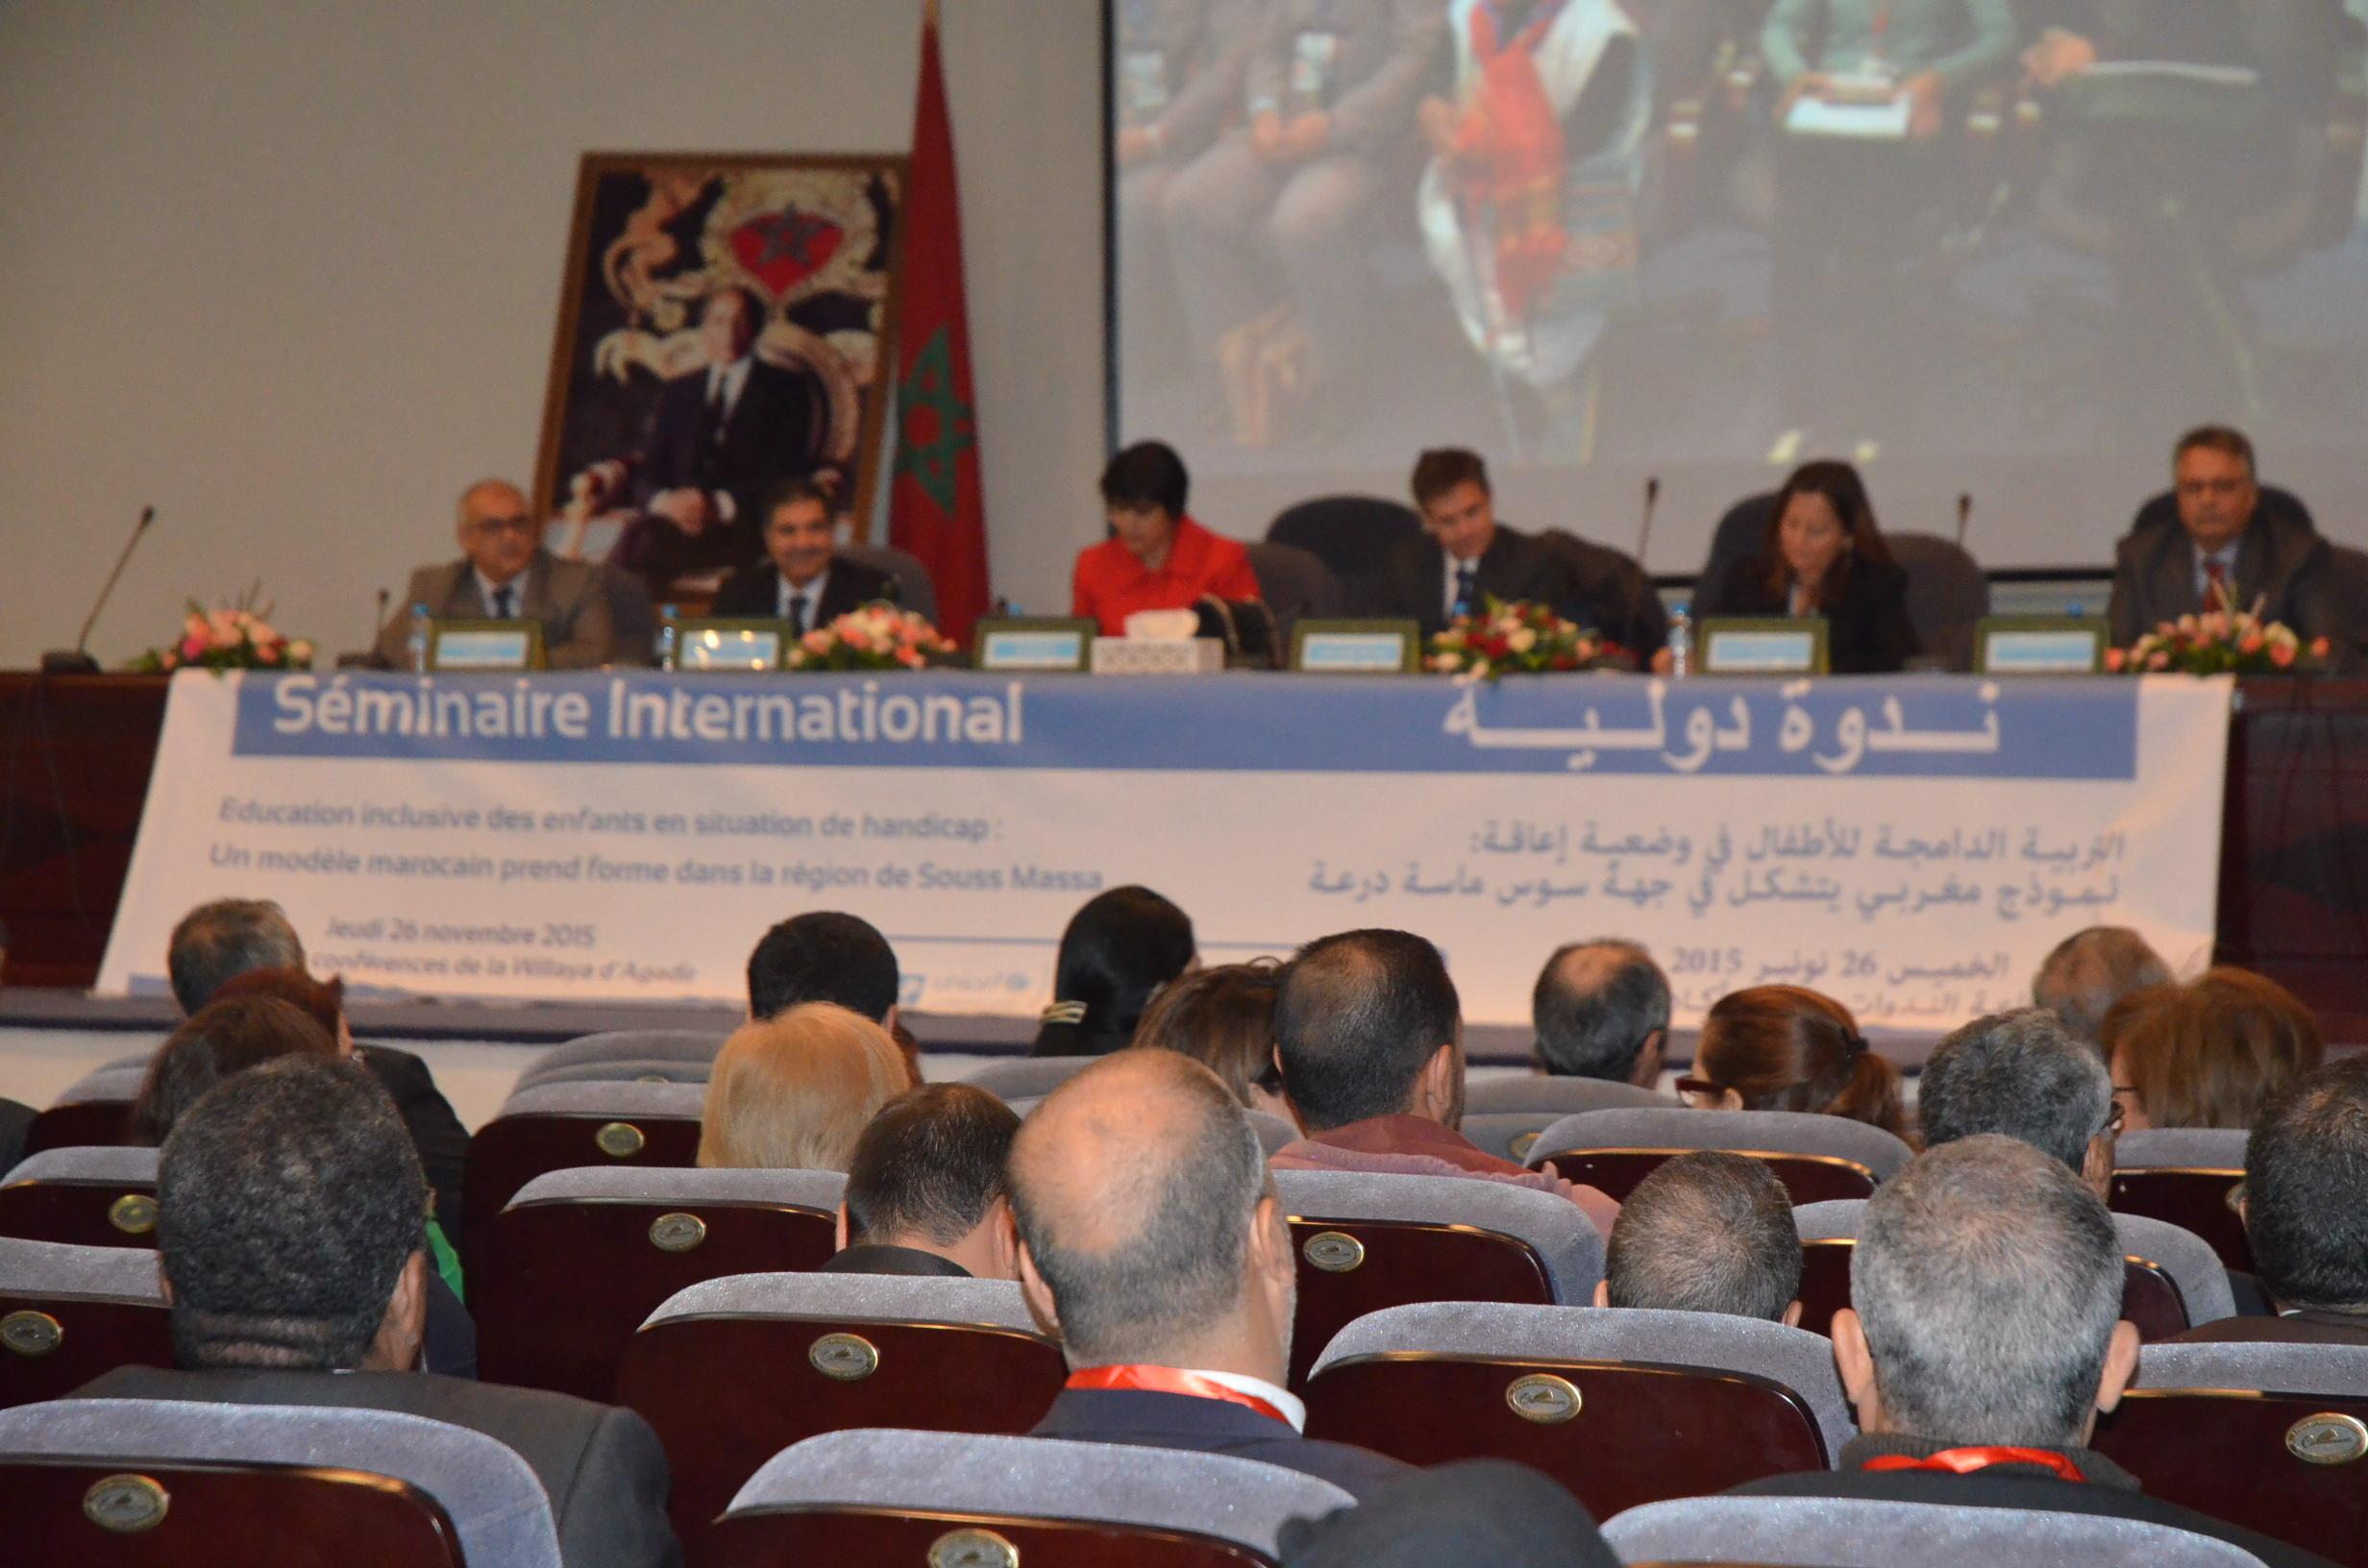 خبراء دوليون: تجربة مغربية تتشكل بجهة سوس ماسة حول التربية الدامجة لذوي الإعاقة